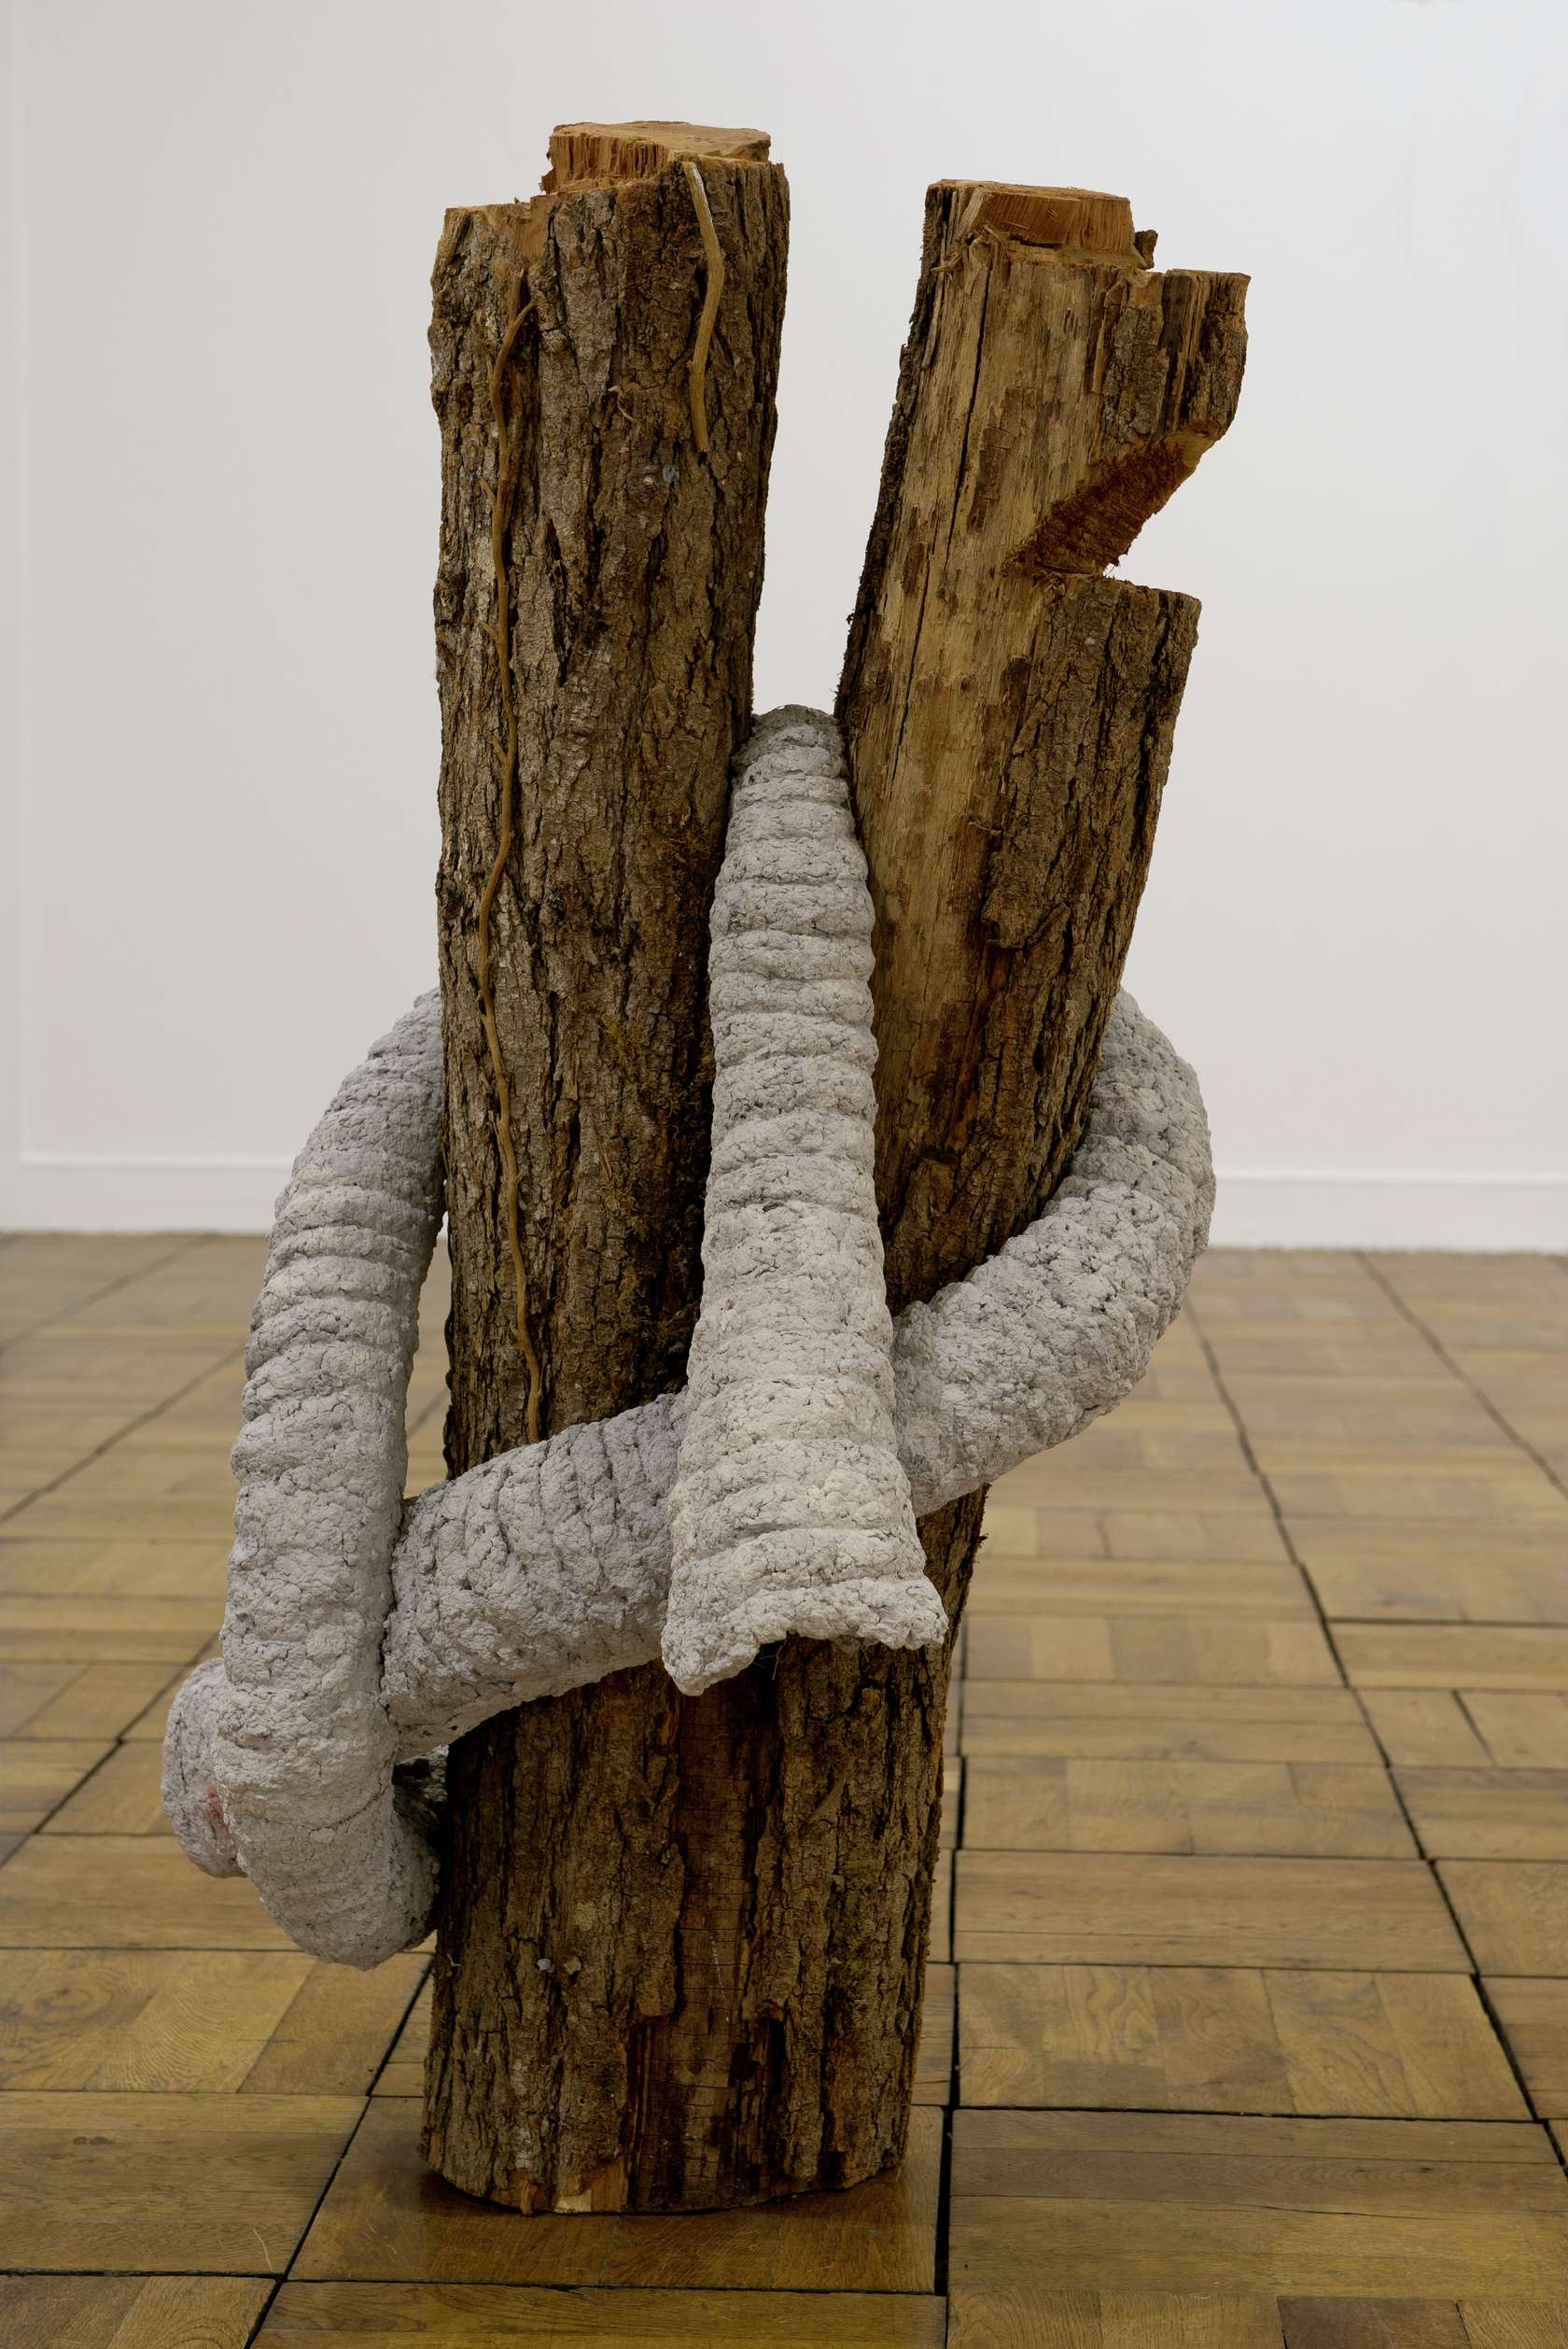 Laurent Le Deunff, Noeud de trompe III, 2012 Papier mâché, ciment et bois100 x 58 x 58 cm / 39 3/8 x 22 7/8 x 22 7/8 inches